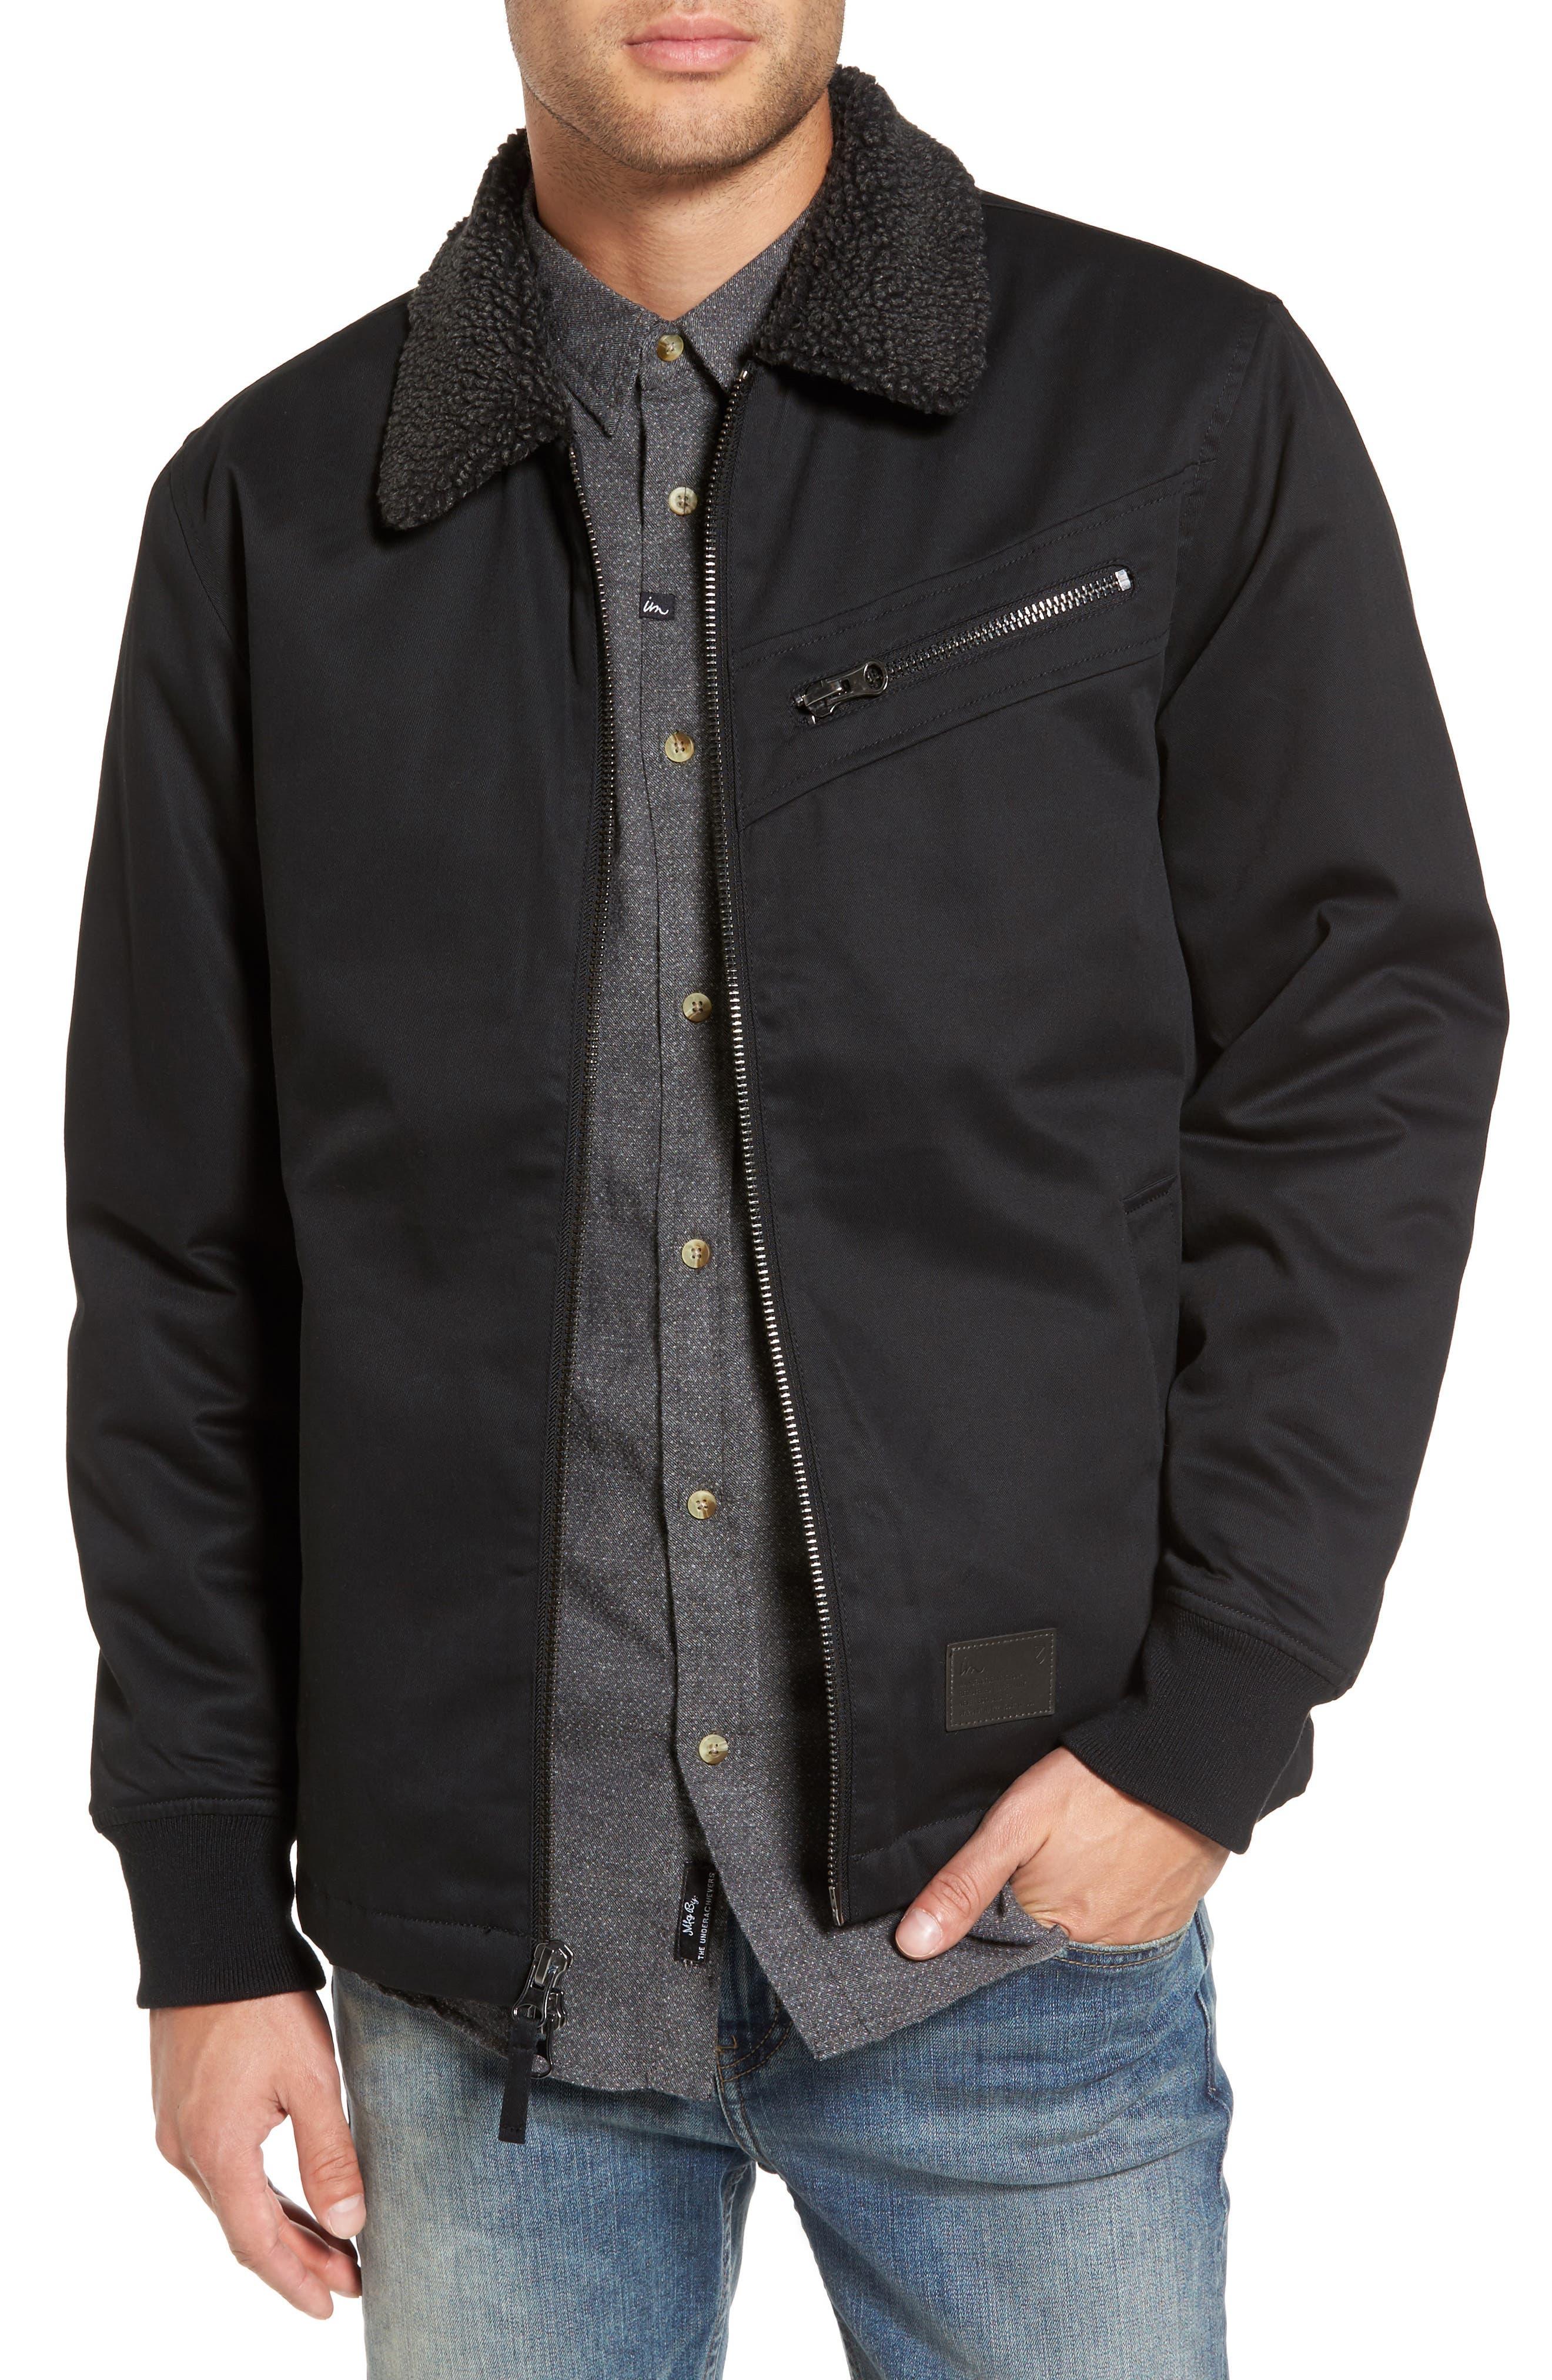 Maddox Jacket,                             Main thumbnail 1, color,                             001